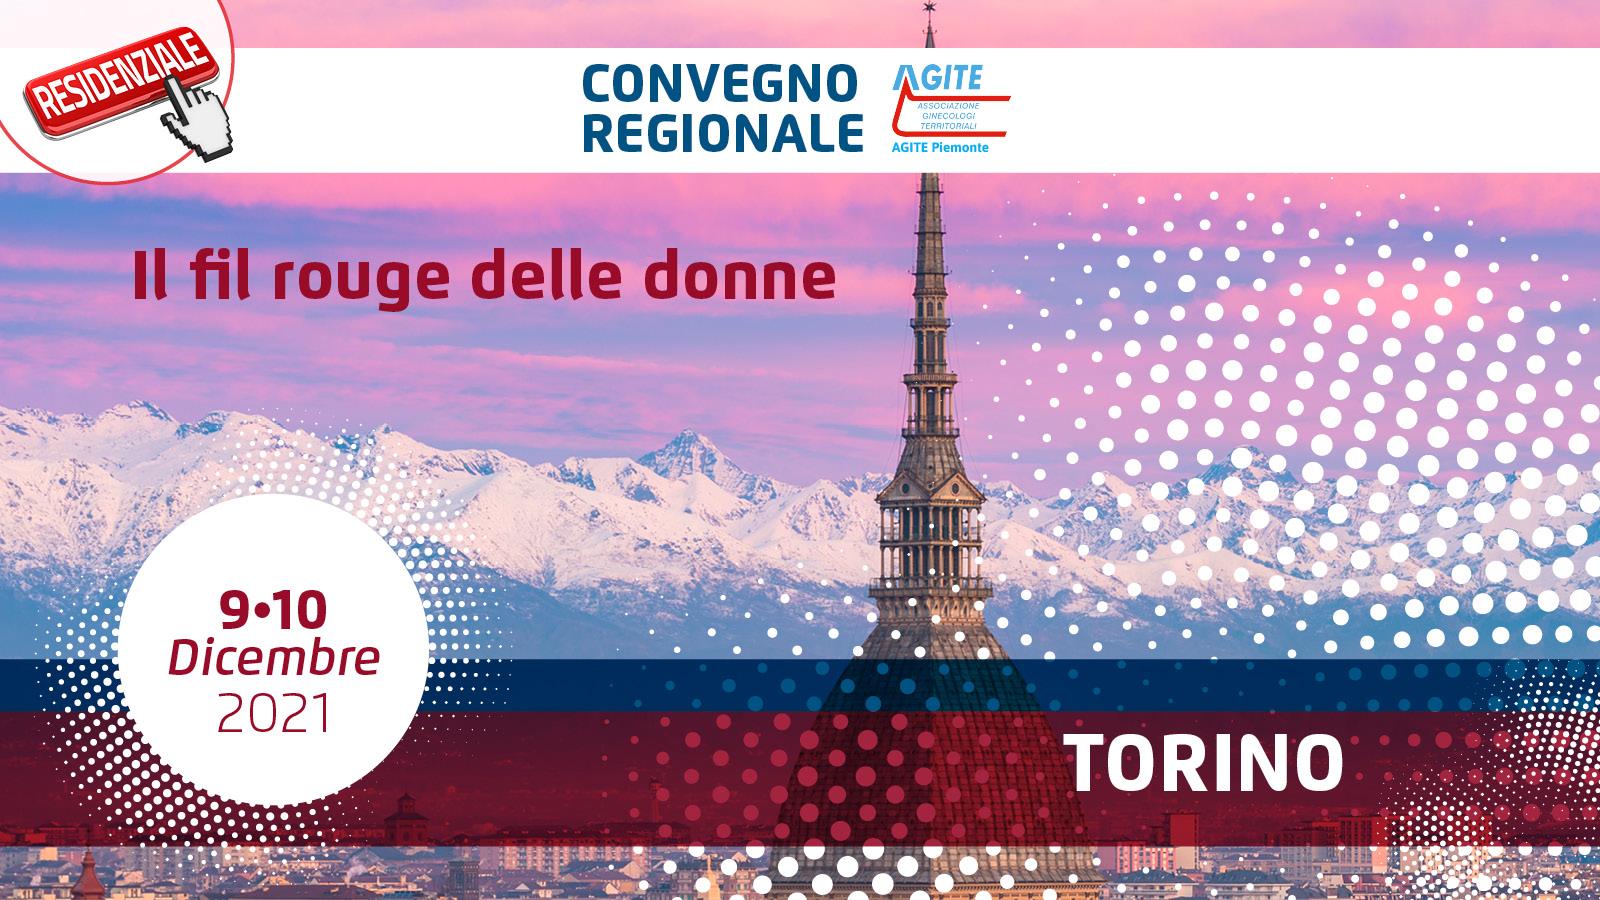 """Convegno regionale AGITE Piemonte """"Il fil rouge delle donne"""""""